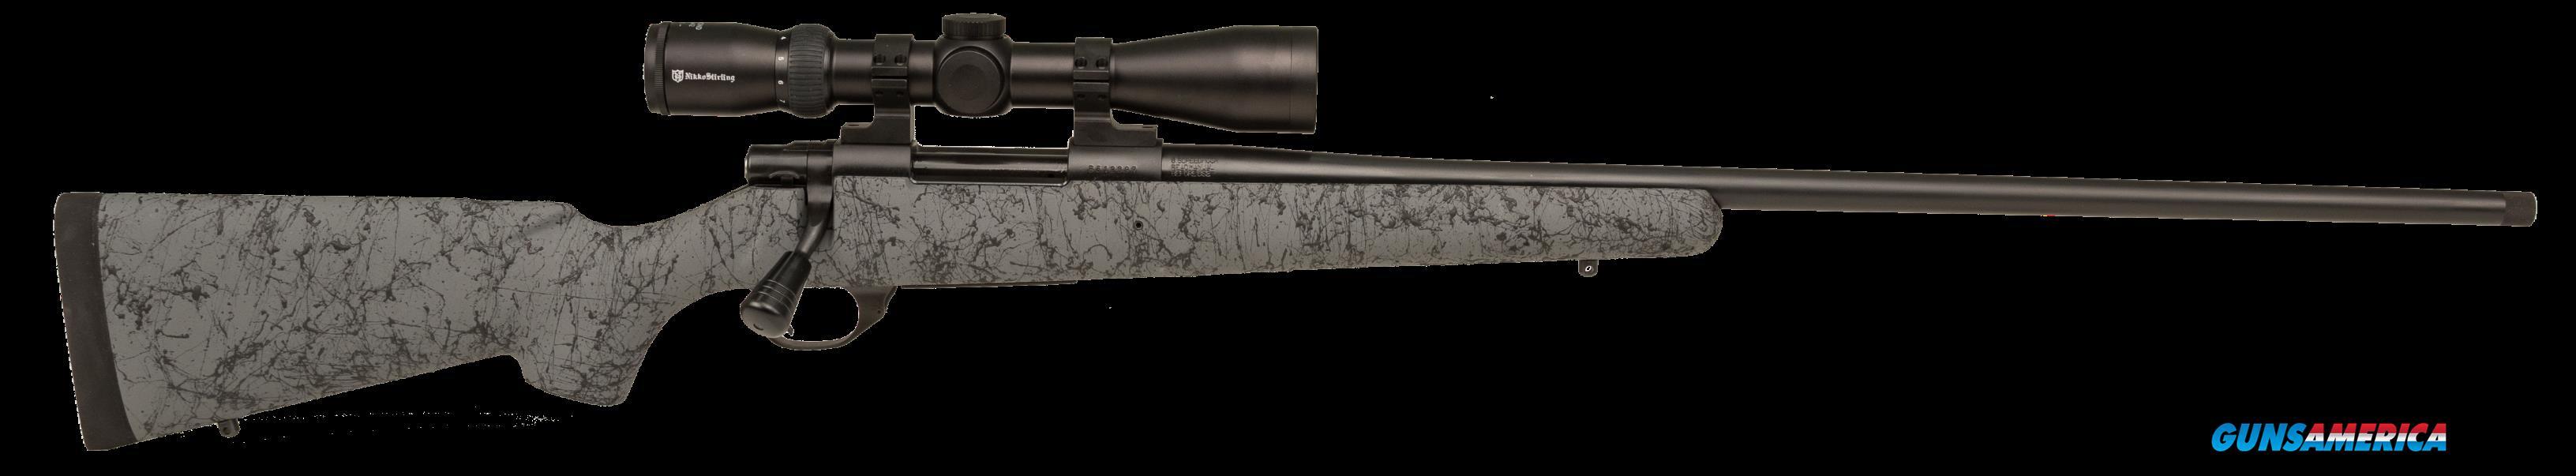 Howa Hs Precision, Howa Hhs73531     Hs Prec 300prc 24        Gry-blk  Guns > Pistols > 1911 Pistol Copies (non-Colt)